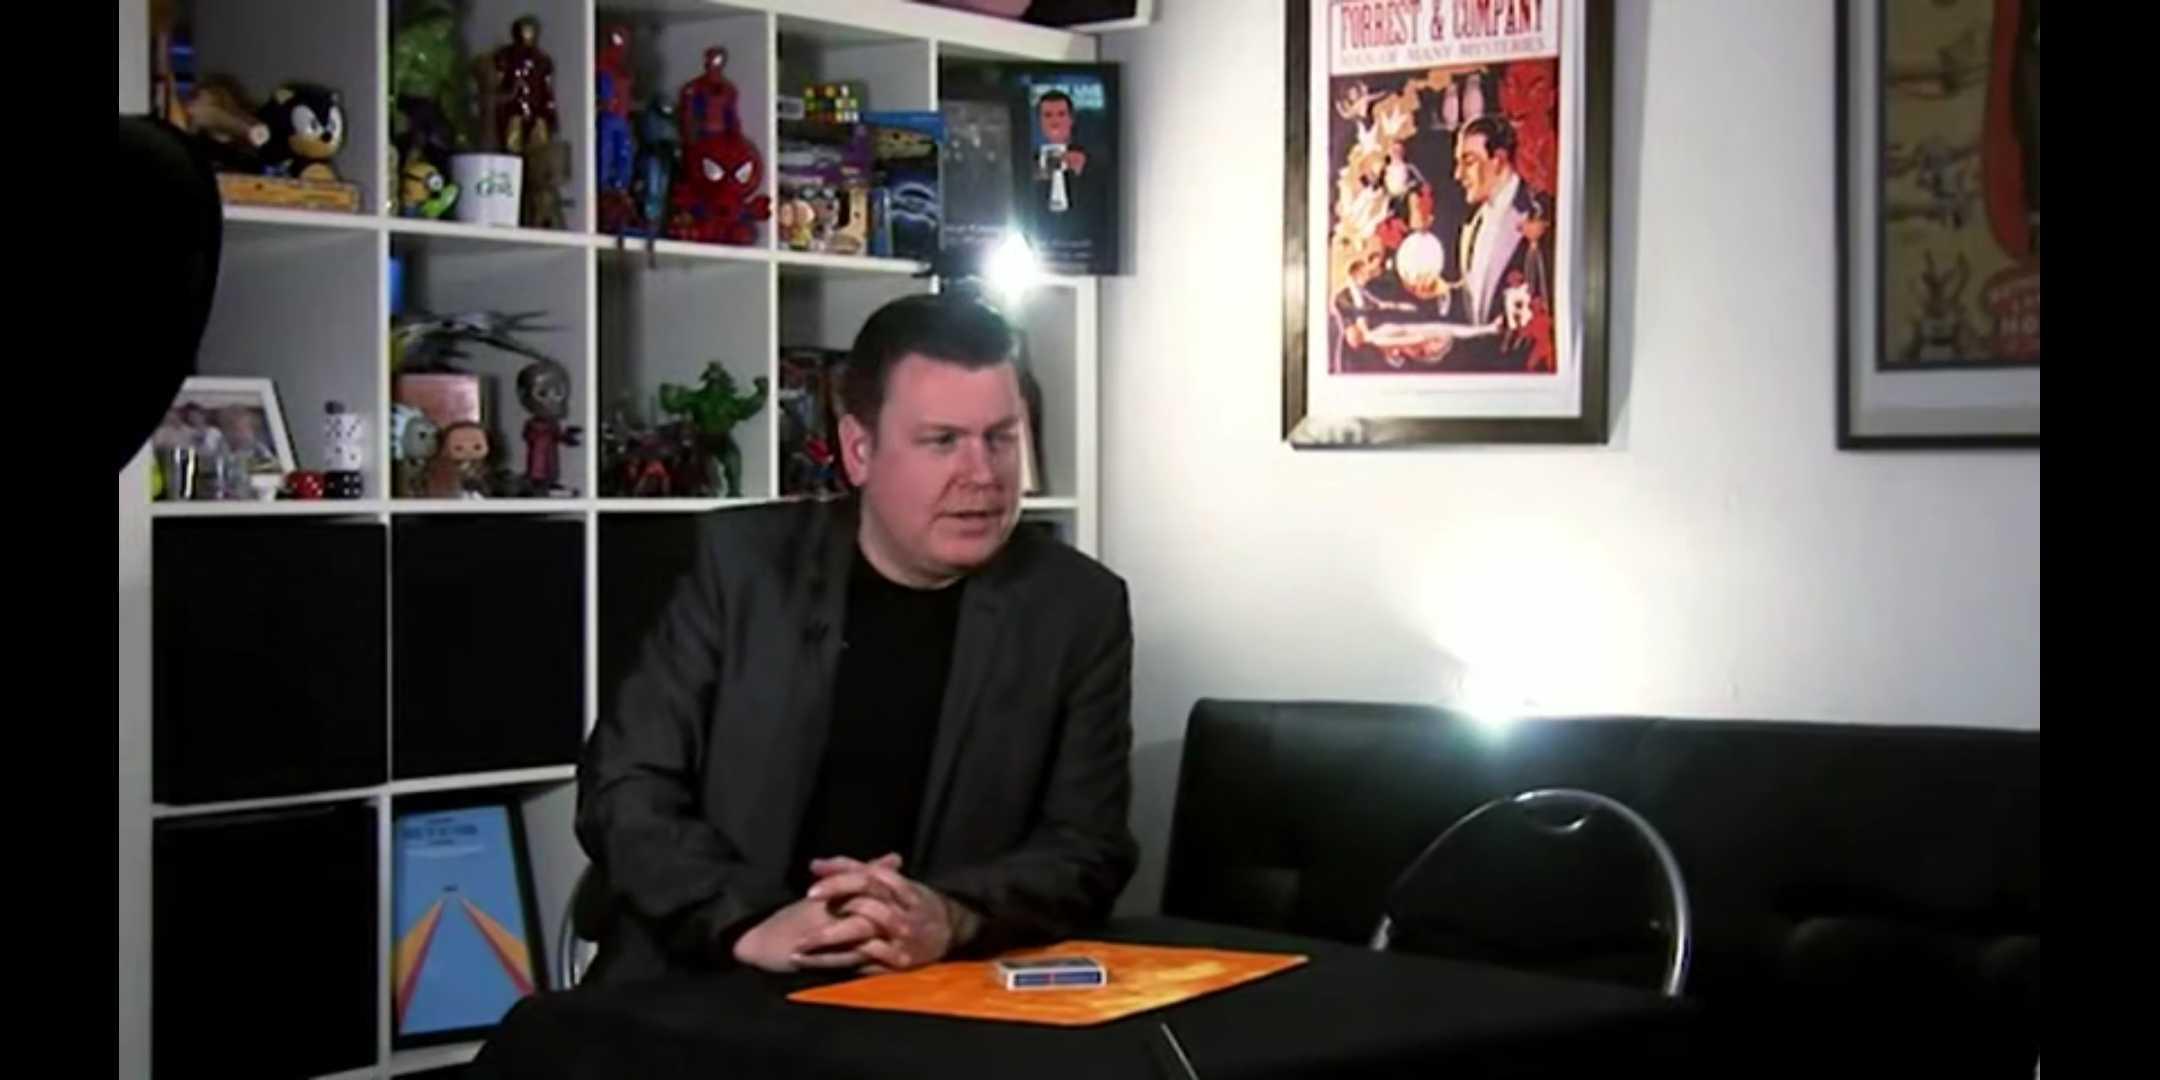 2020 Memo Demo de Gary Jones y Dave Forrest, trucos de magia (instrucción de magia)